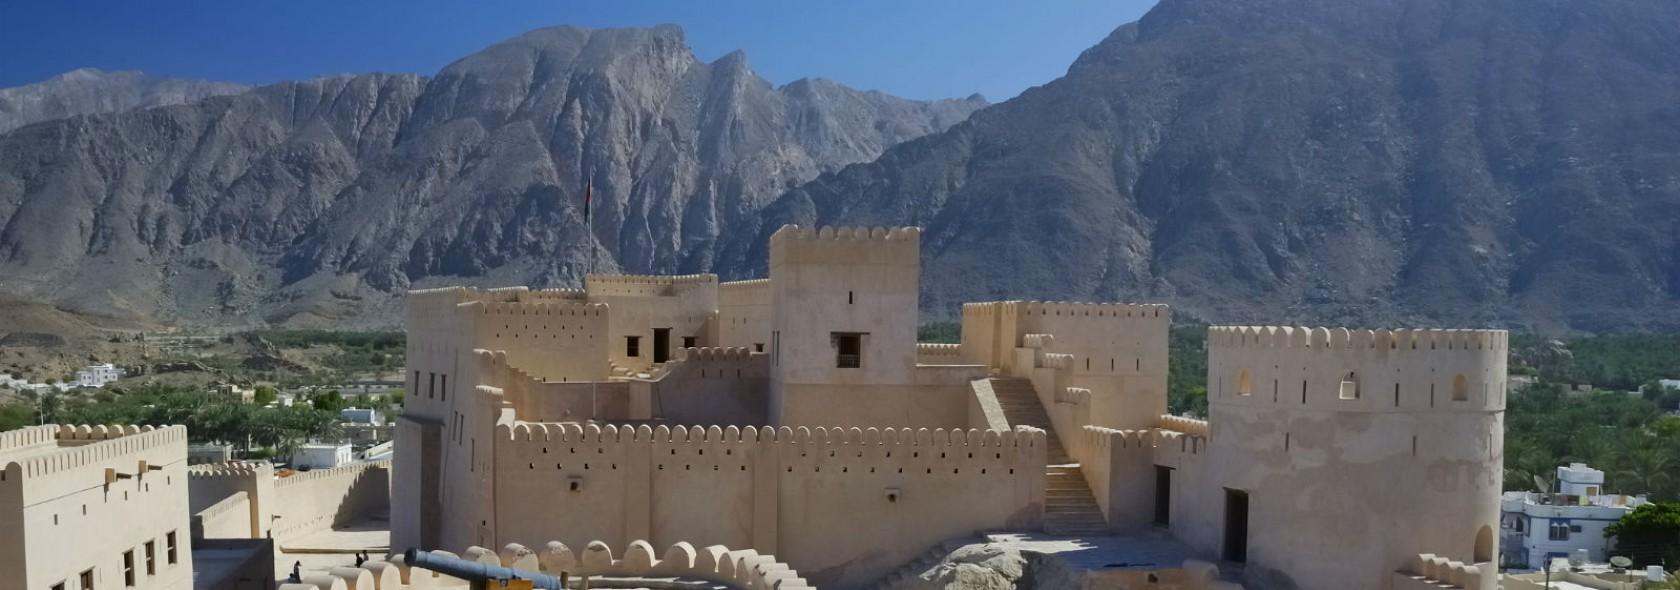 Capodanno: Il fascino dell'Oman